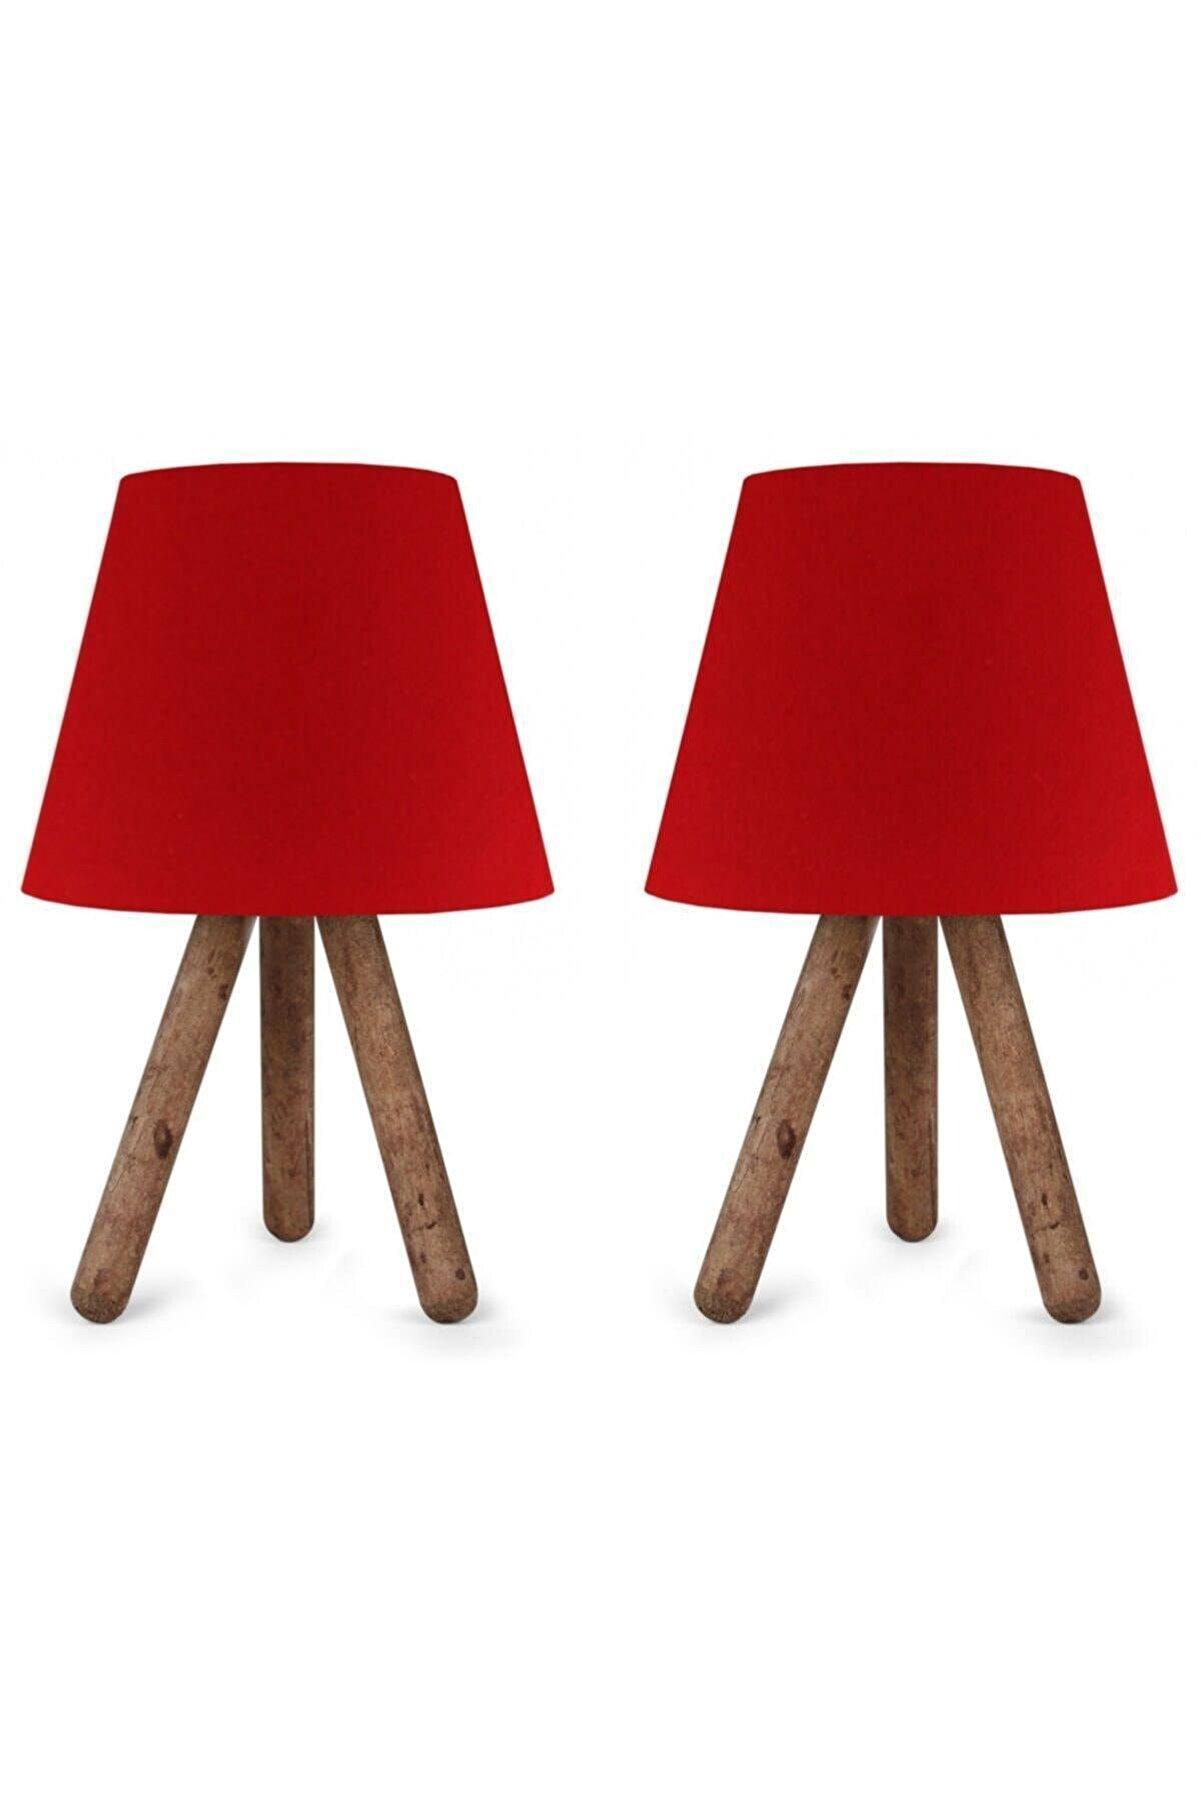 MHK Collection Lüx Tasarım 2 Adet 3 Ayaklı Abajur Kırmızı